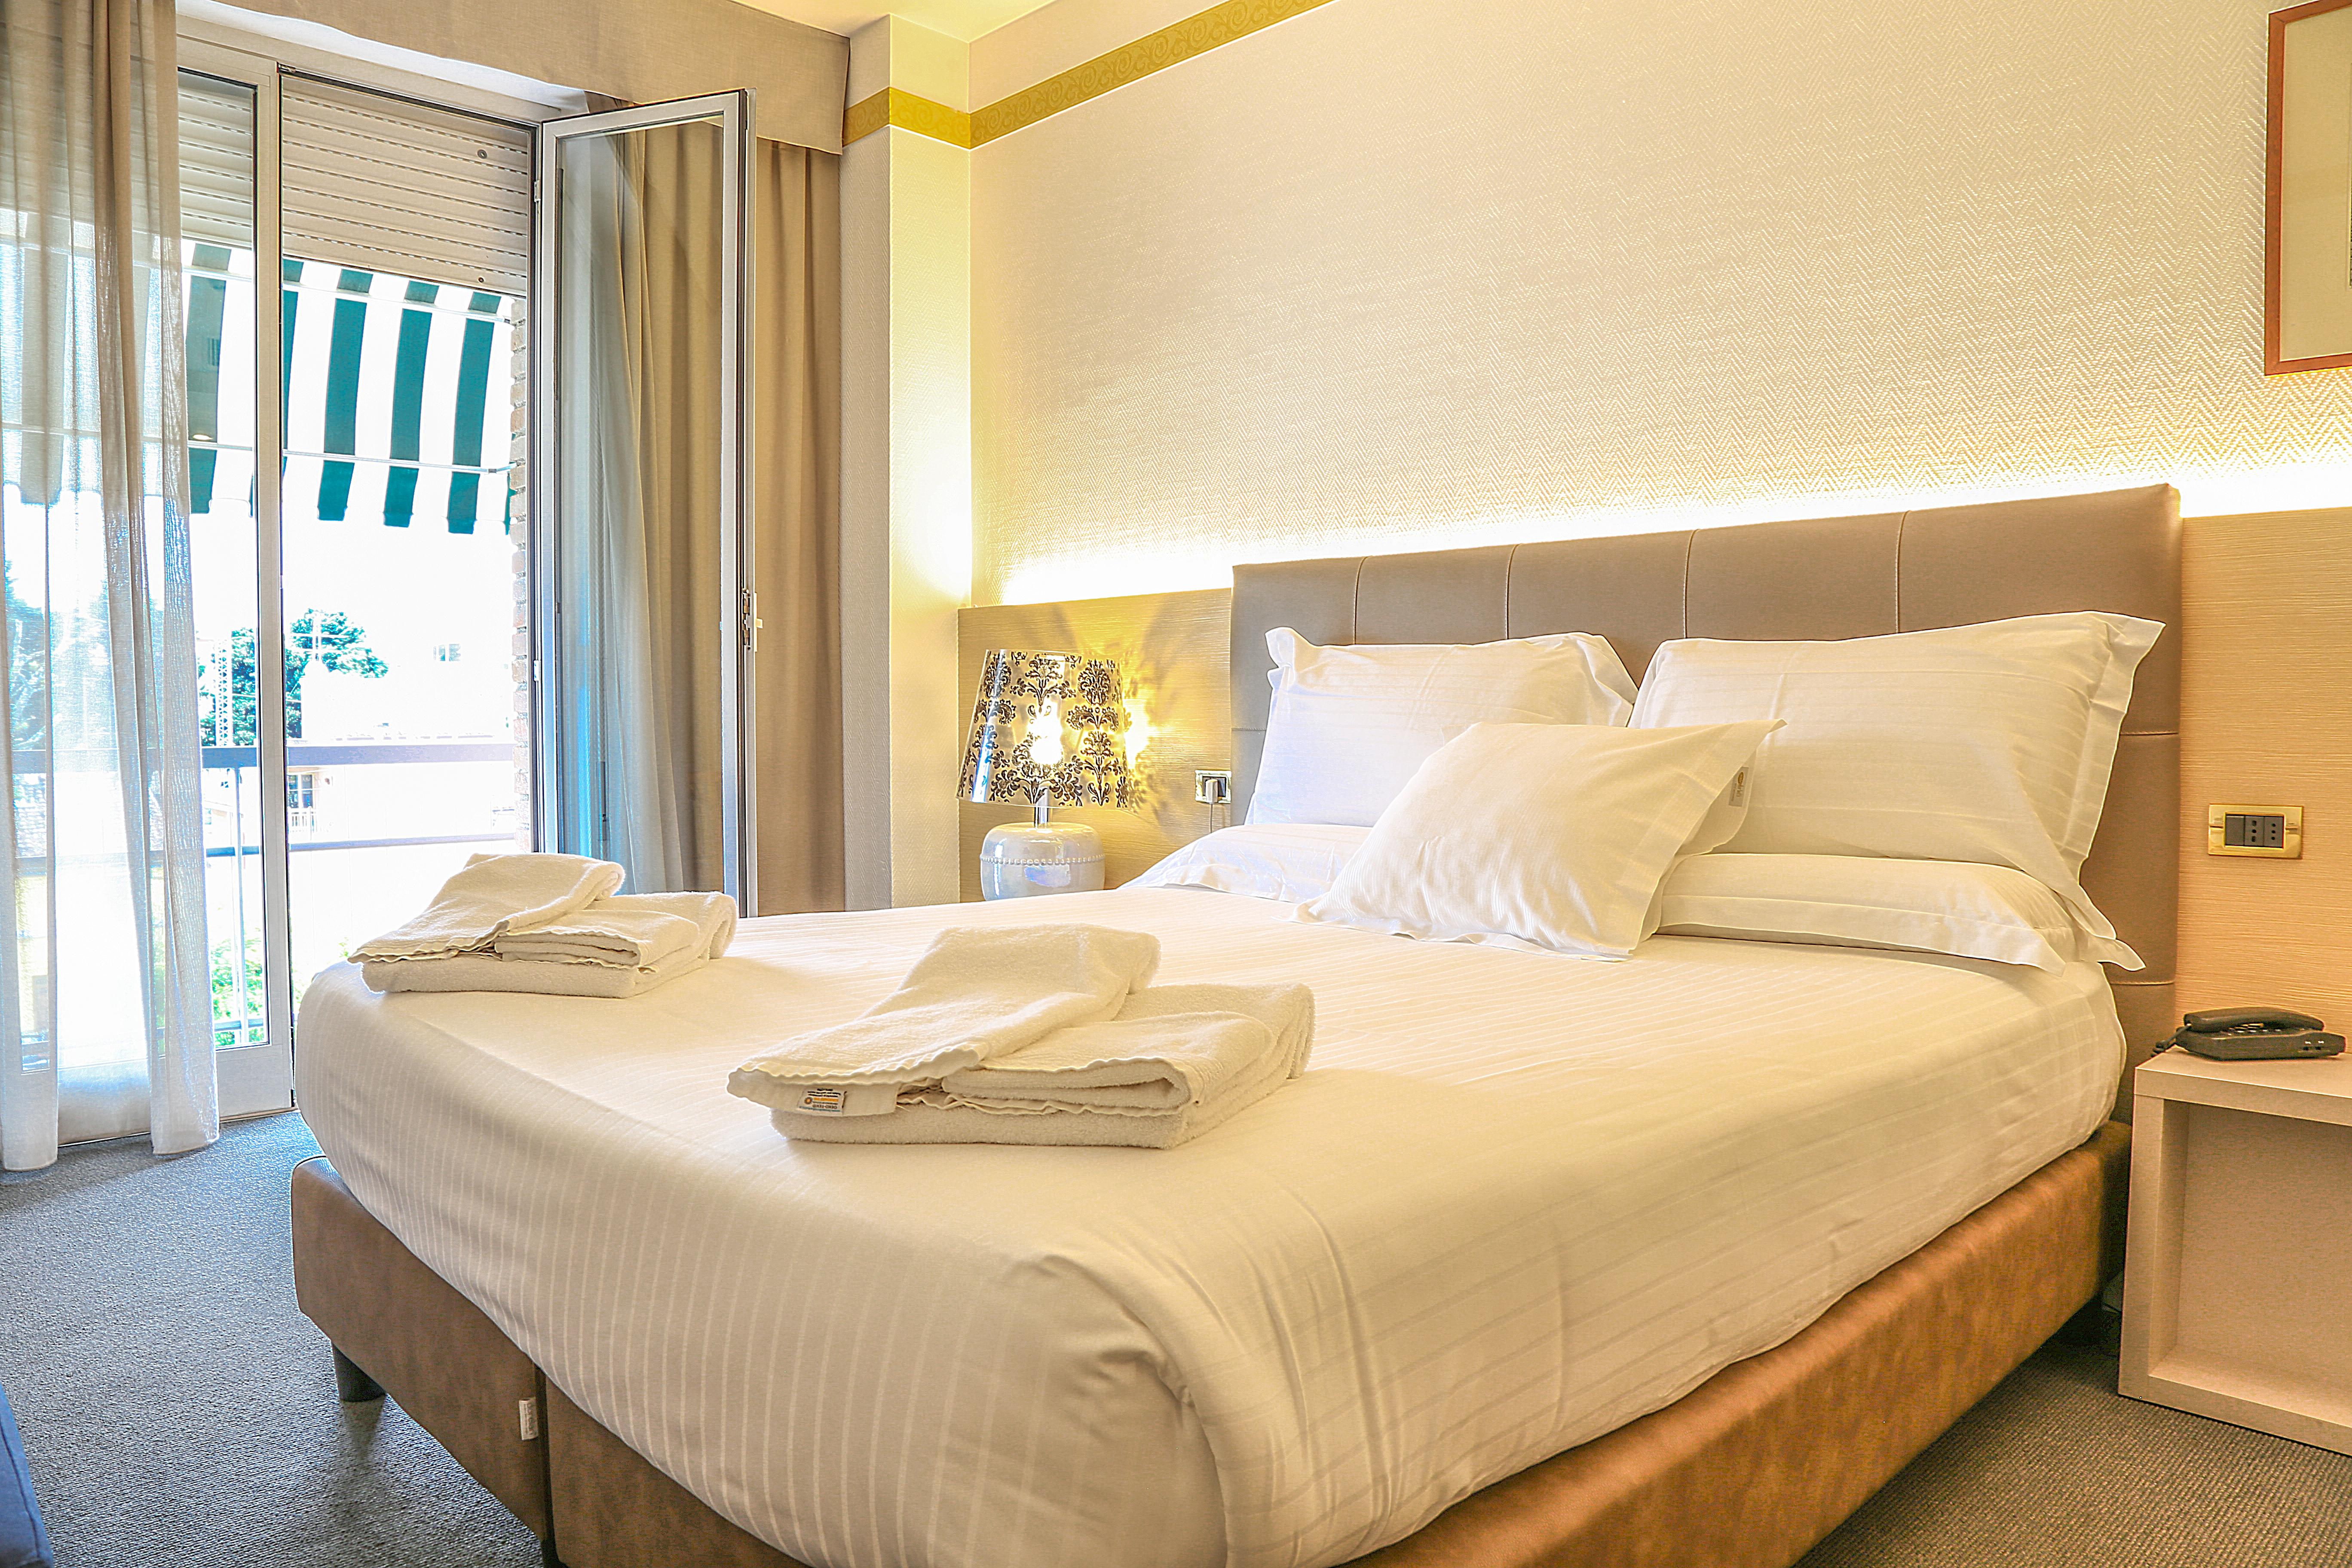 Freizeit Hotel Augustus 4 sterne Fano